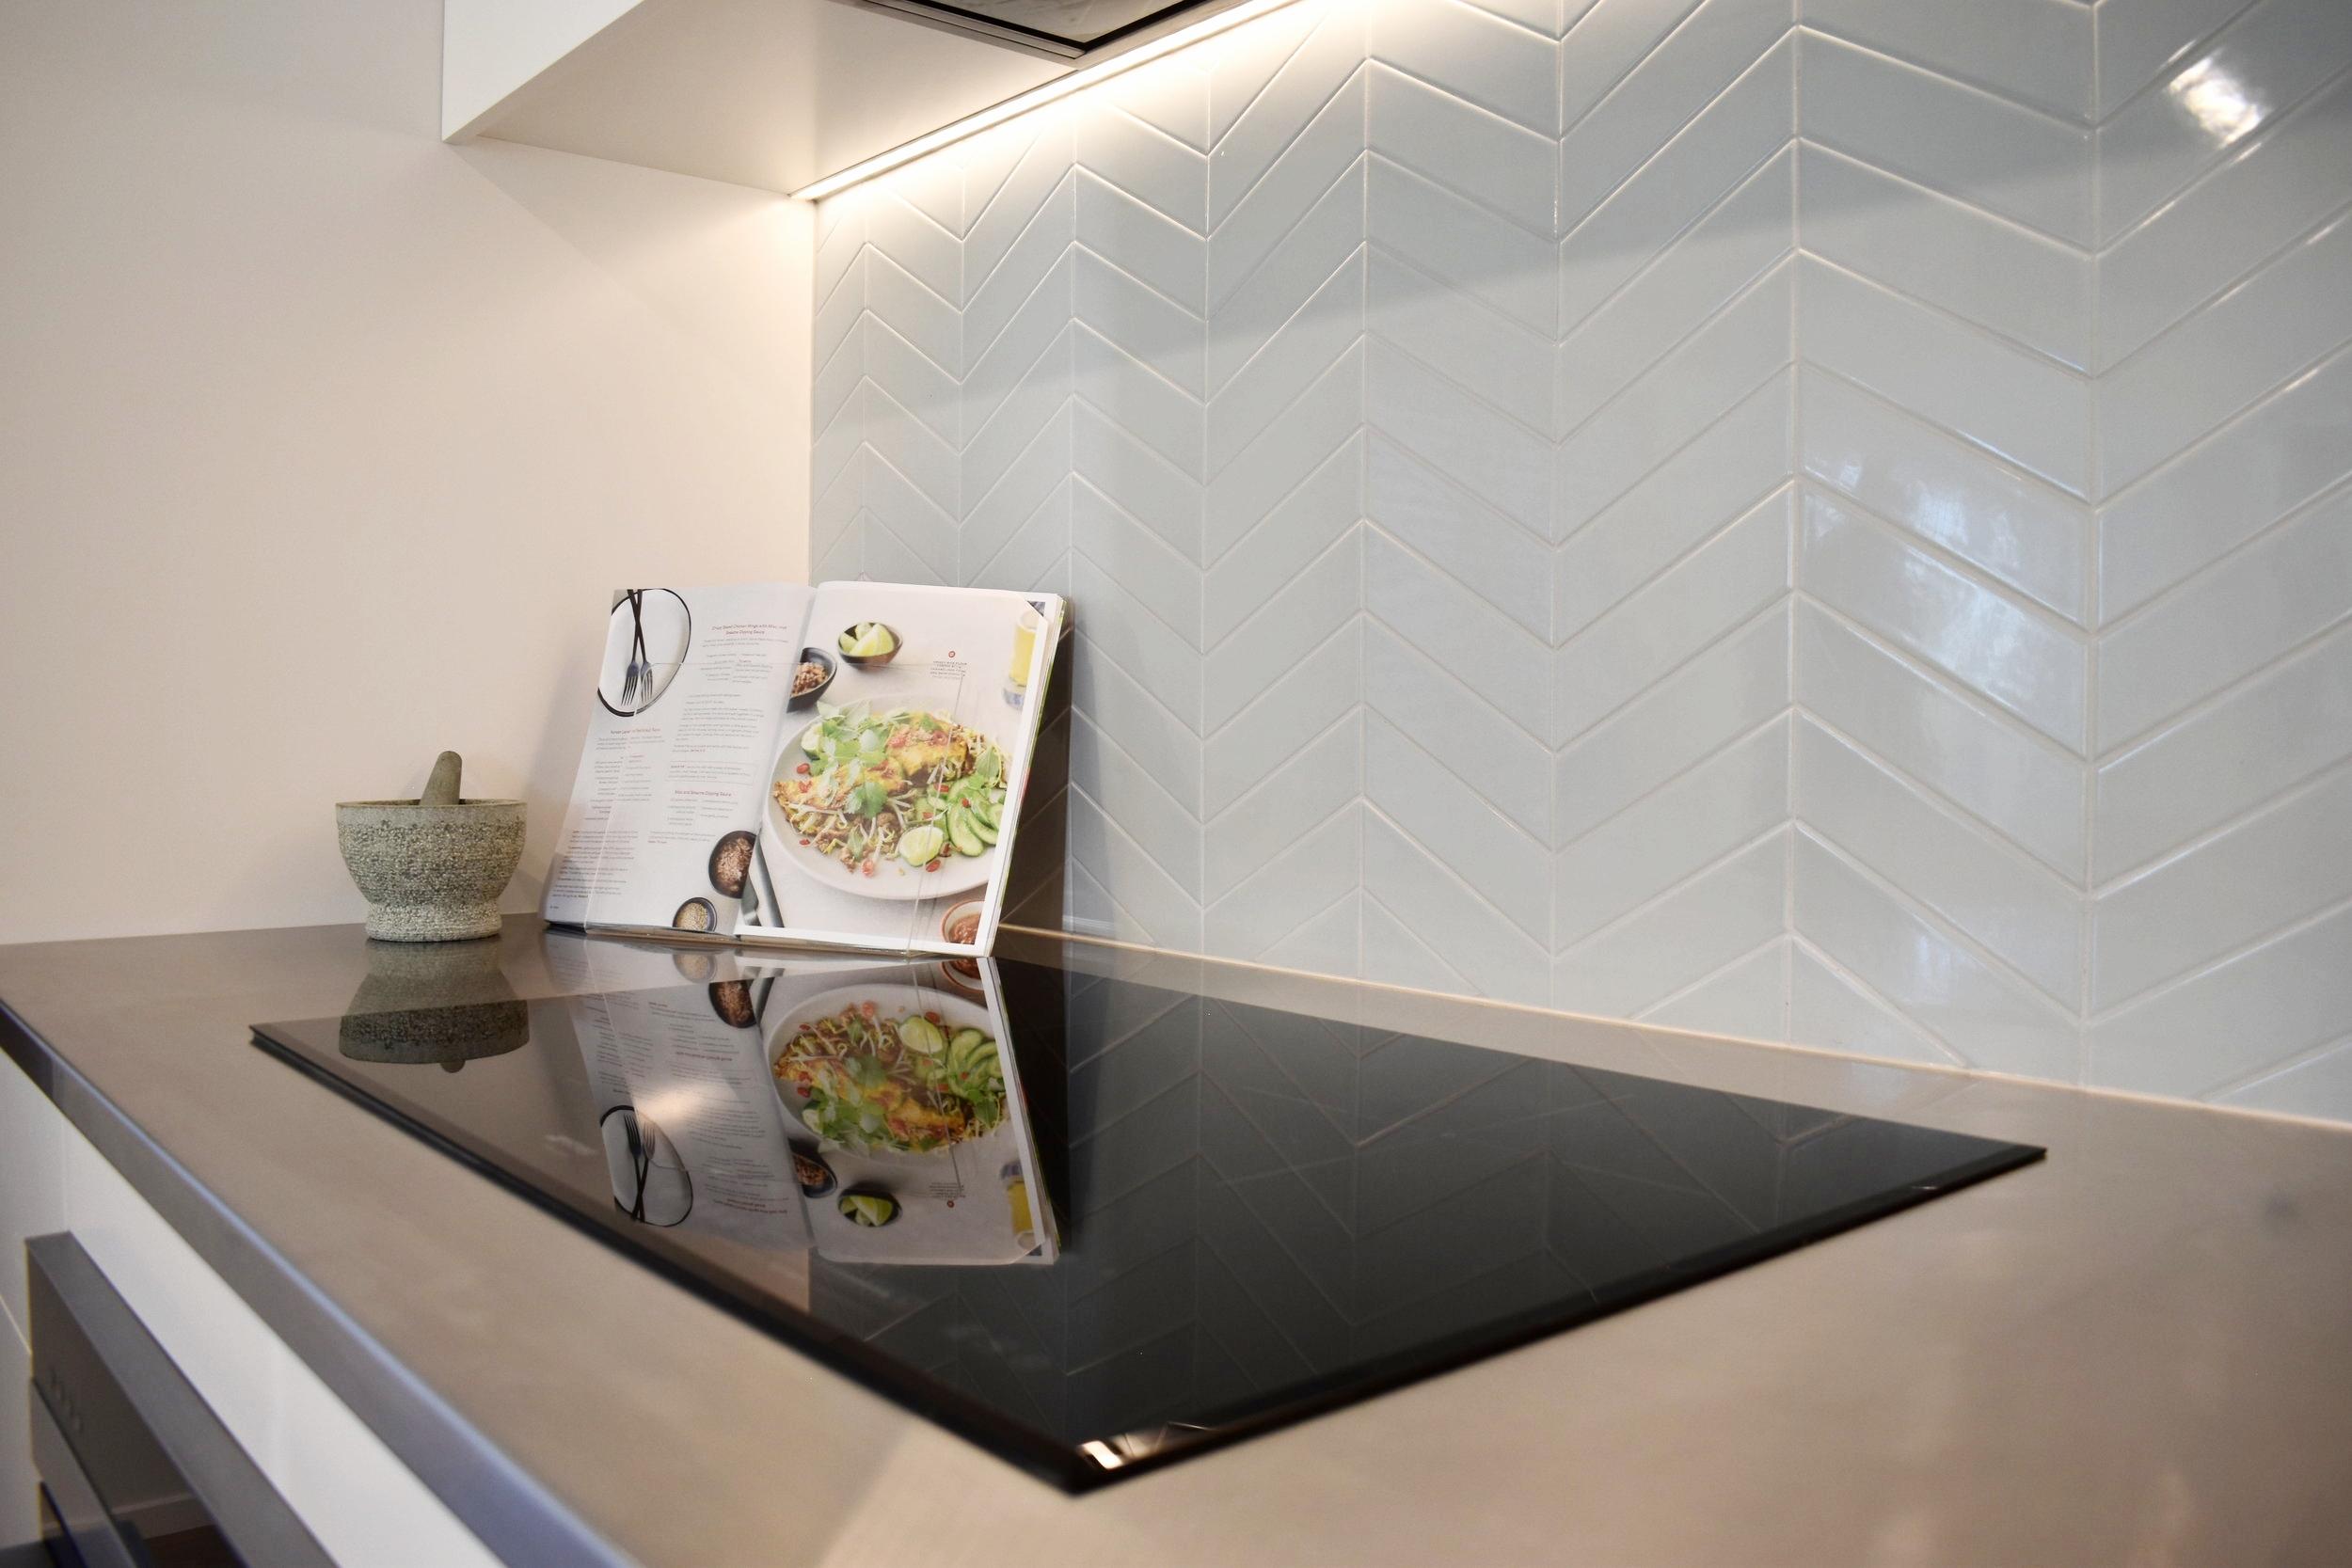 park-rise-kitchen-splashback.jpg